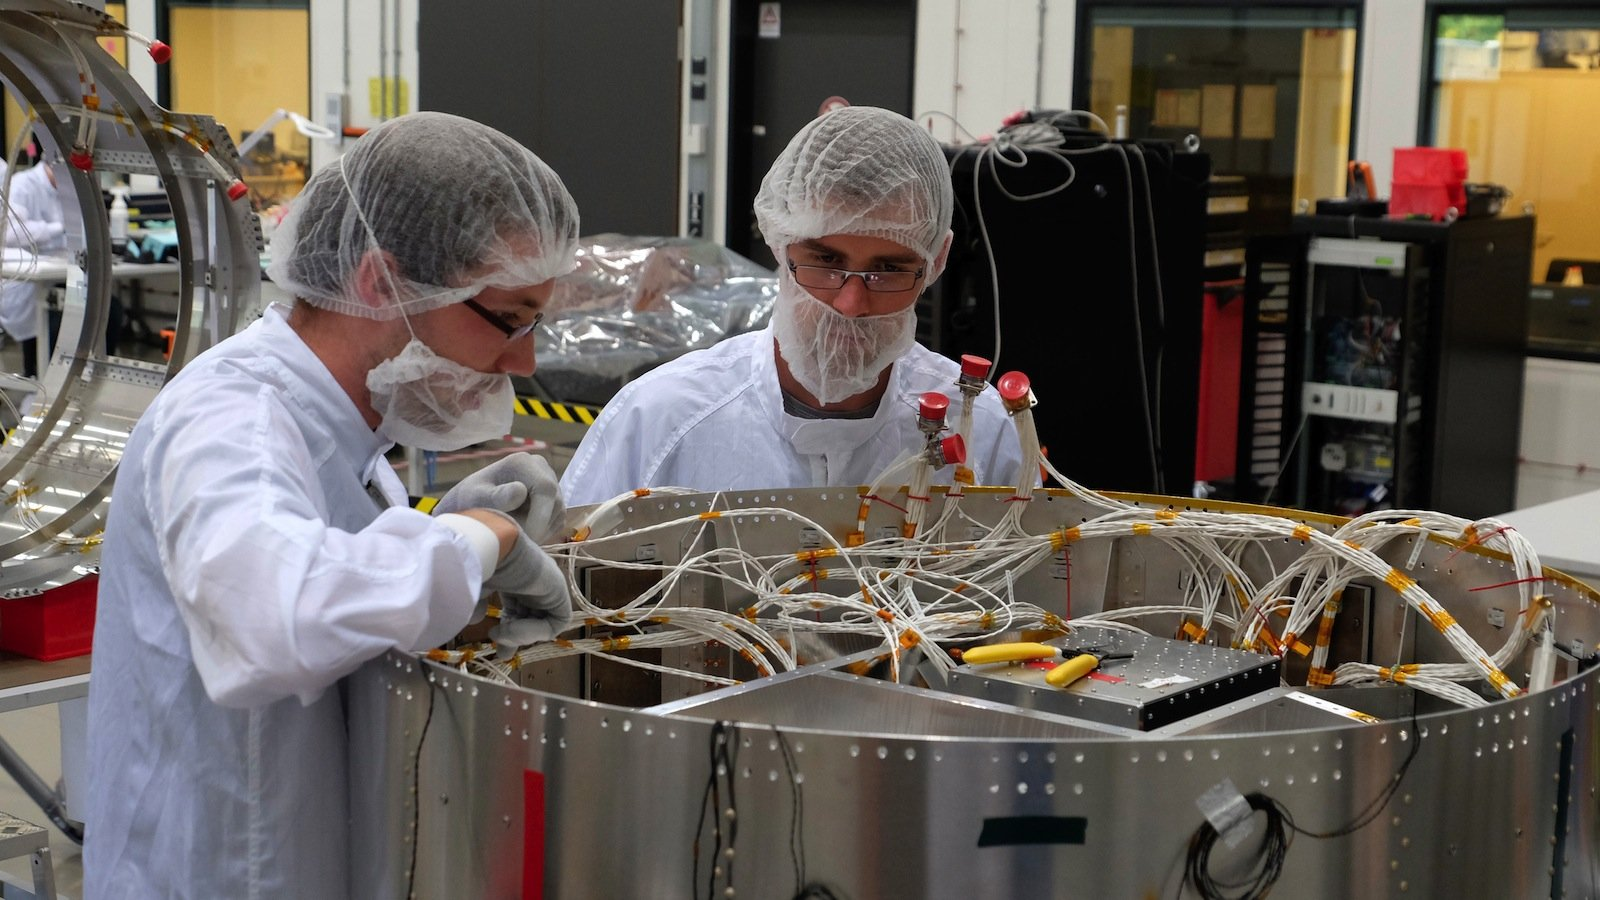 Mit verschiedenen Tests stellen die Ingenieure des DLR-Instituts für Raumfahrtsysteme die bisherigen Modelle des Satelliten Eu:CROPIS auf die Probe.